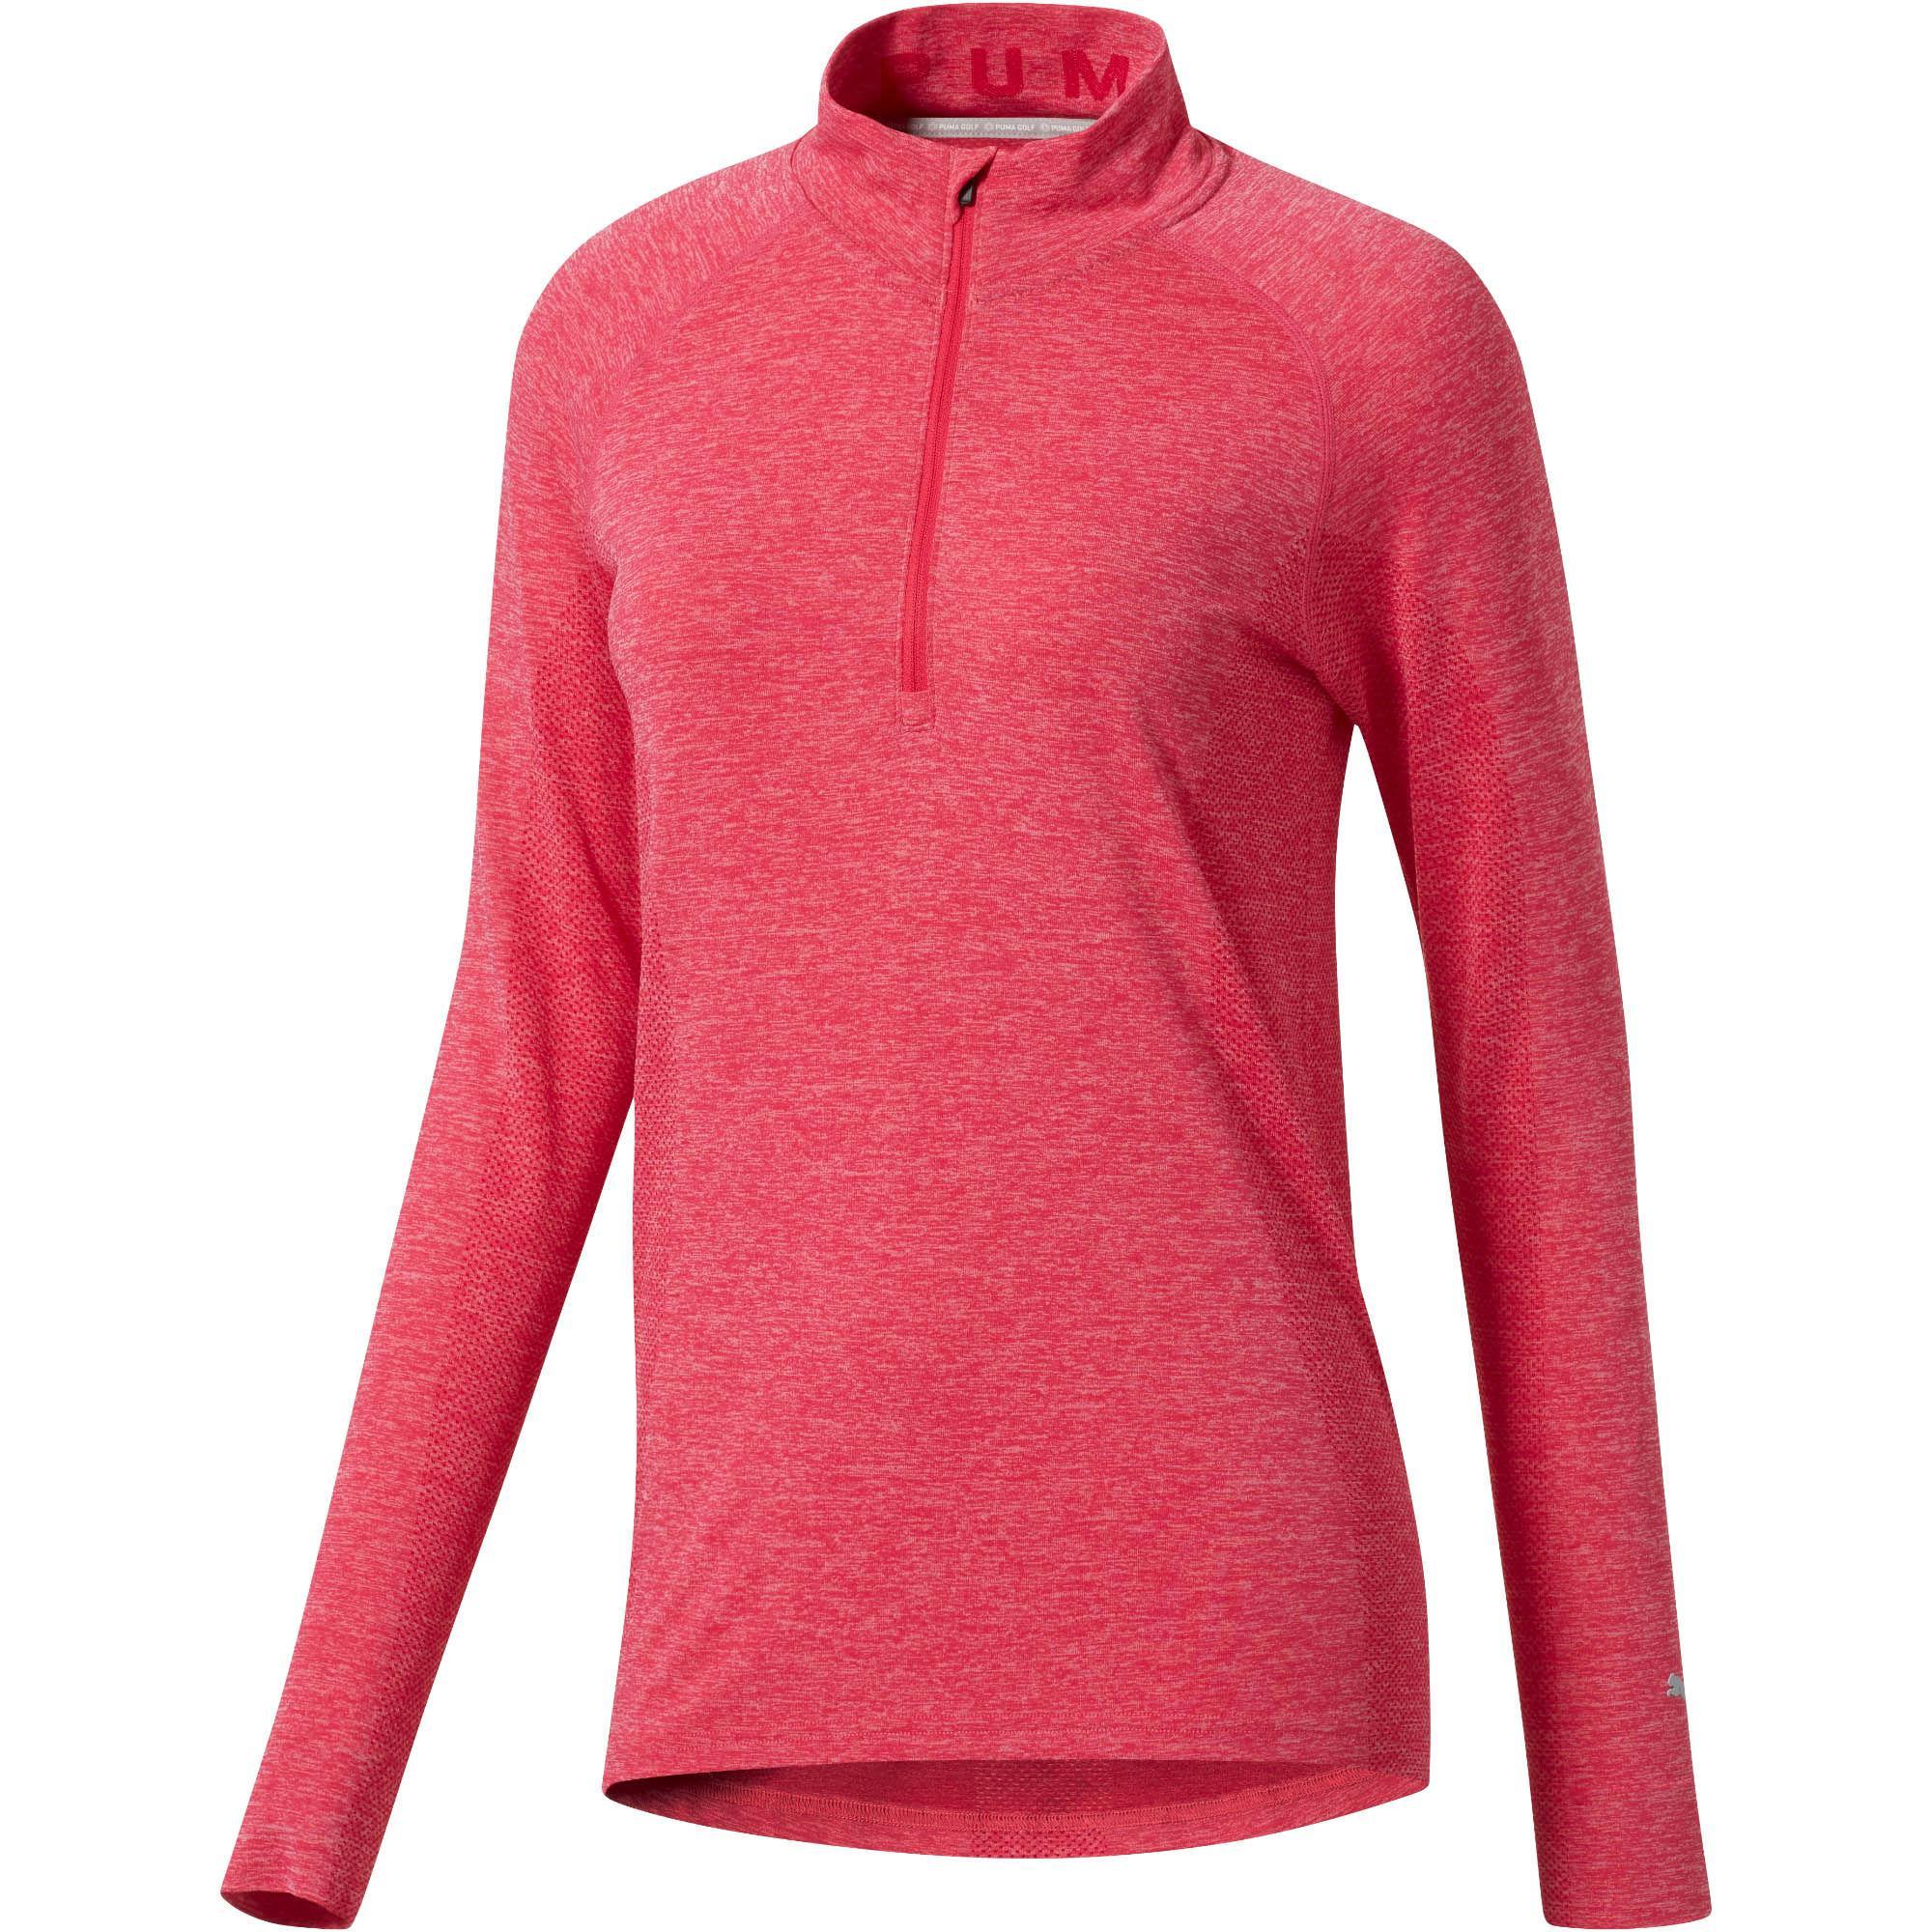 Lyst - Puma Evoknit Seamless Quarter Zip Golf Top in Red c3037ff5df